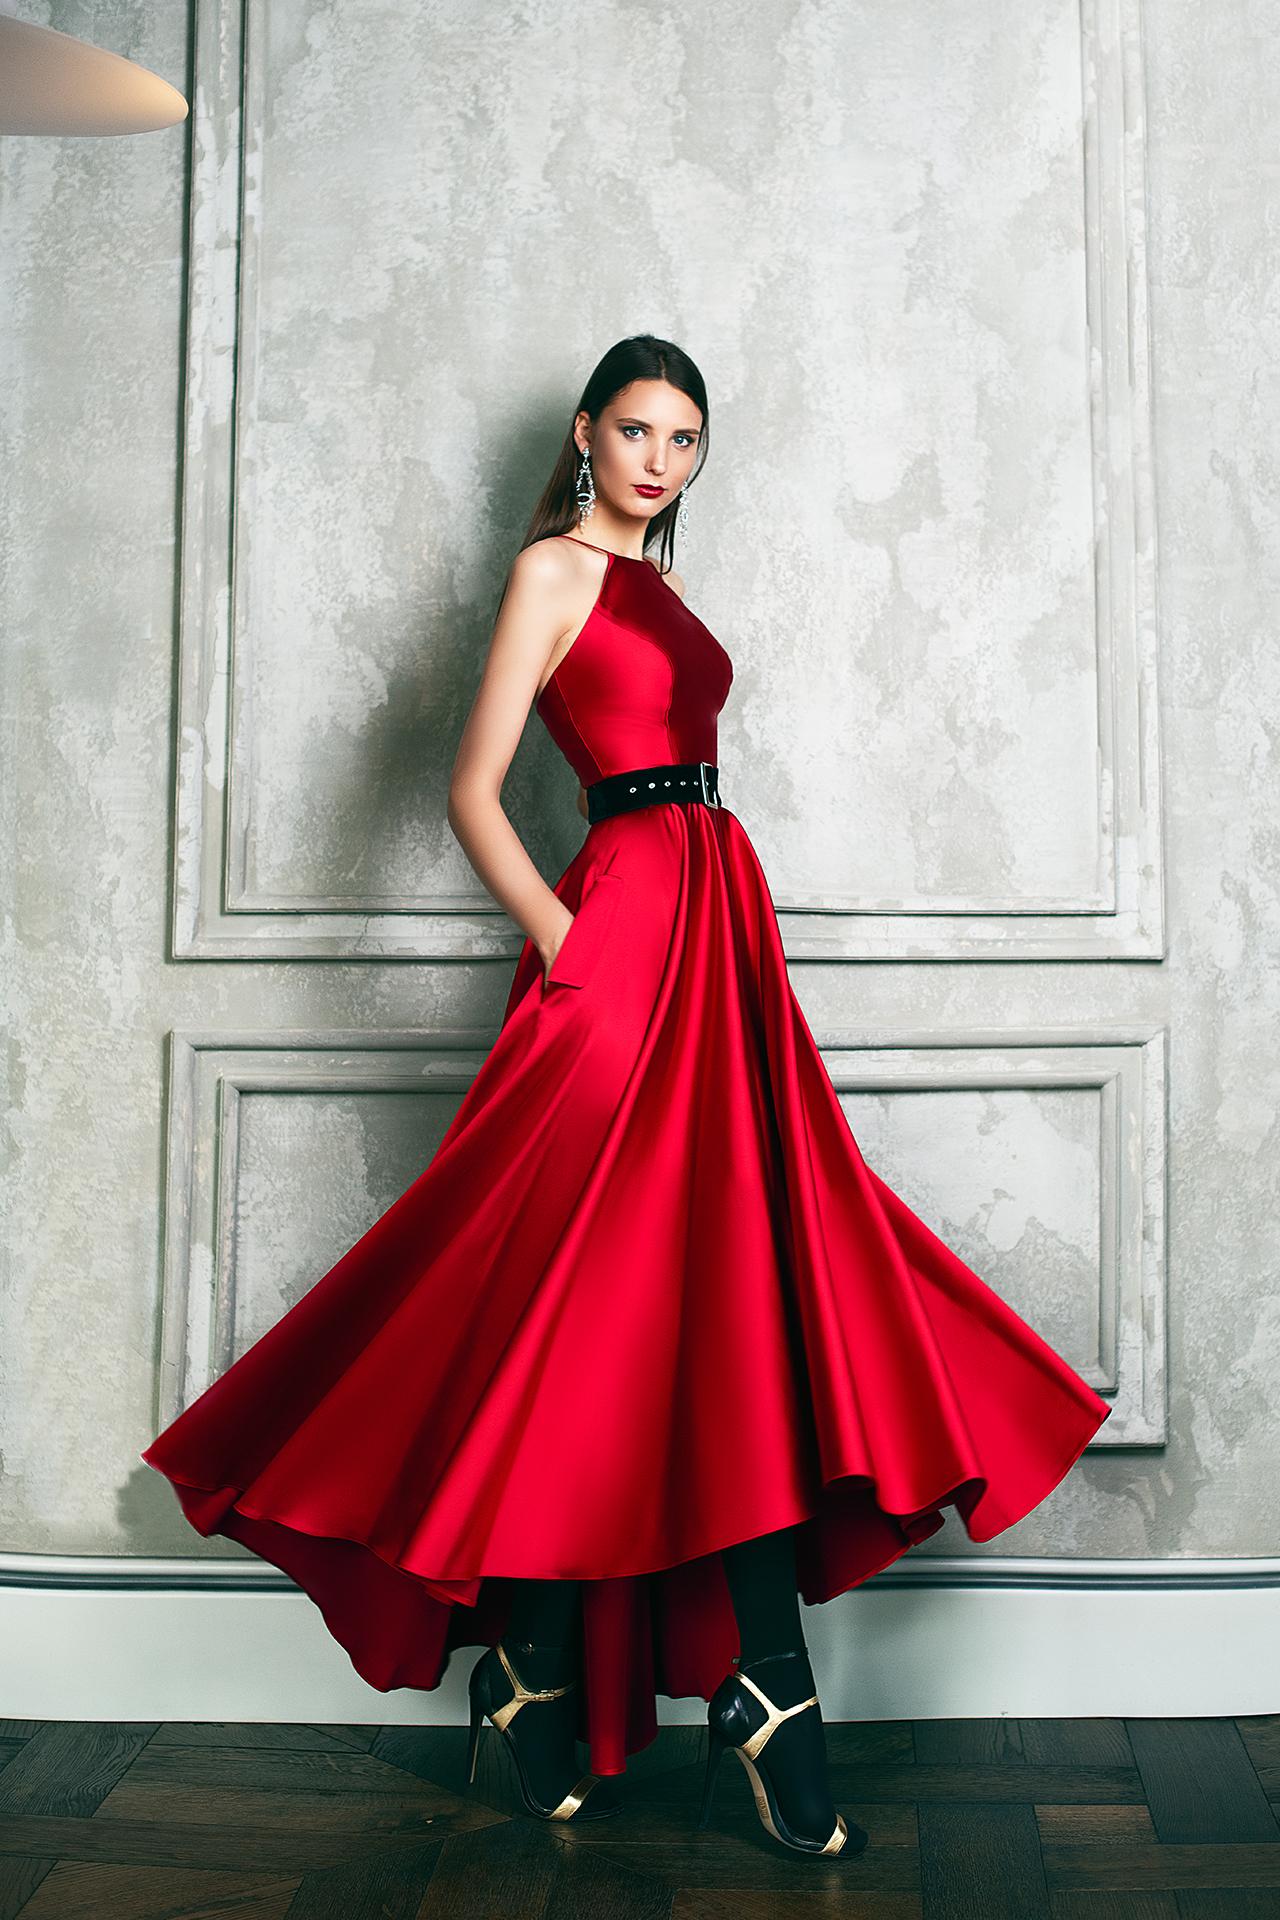 Вечірні сукні 1361-1 Силует  А-Силует  Колір  Червоний  Рукави  Без рукавів  Шлейф  Без шлейфа